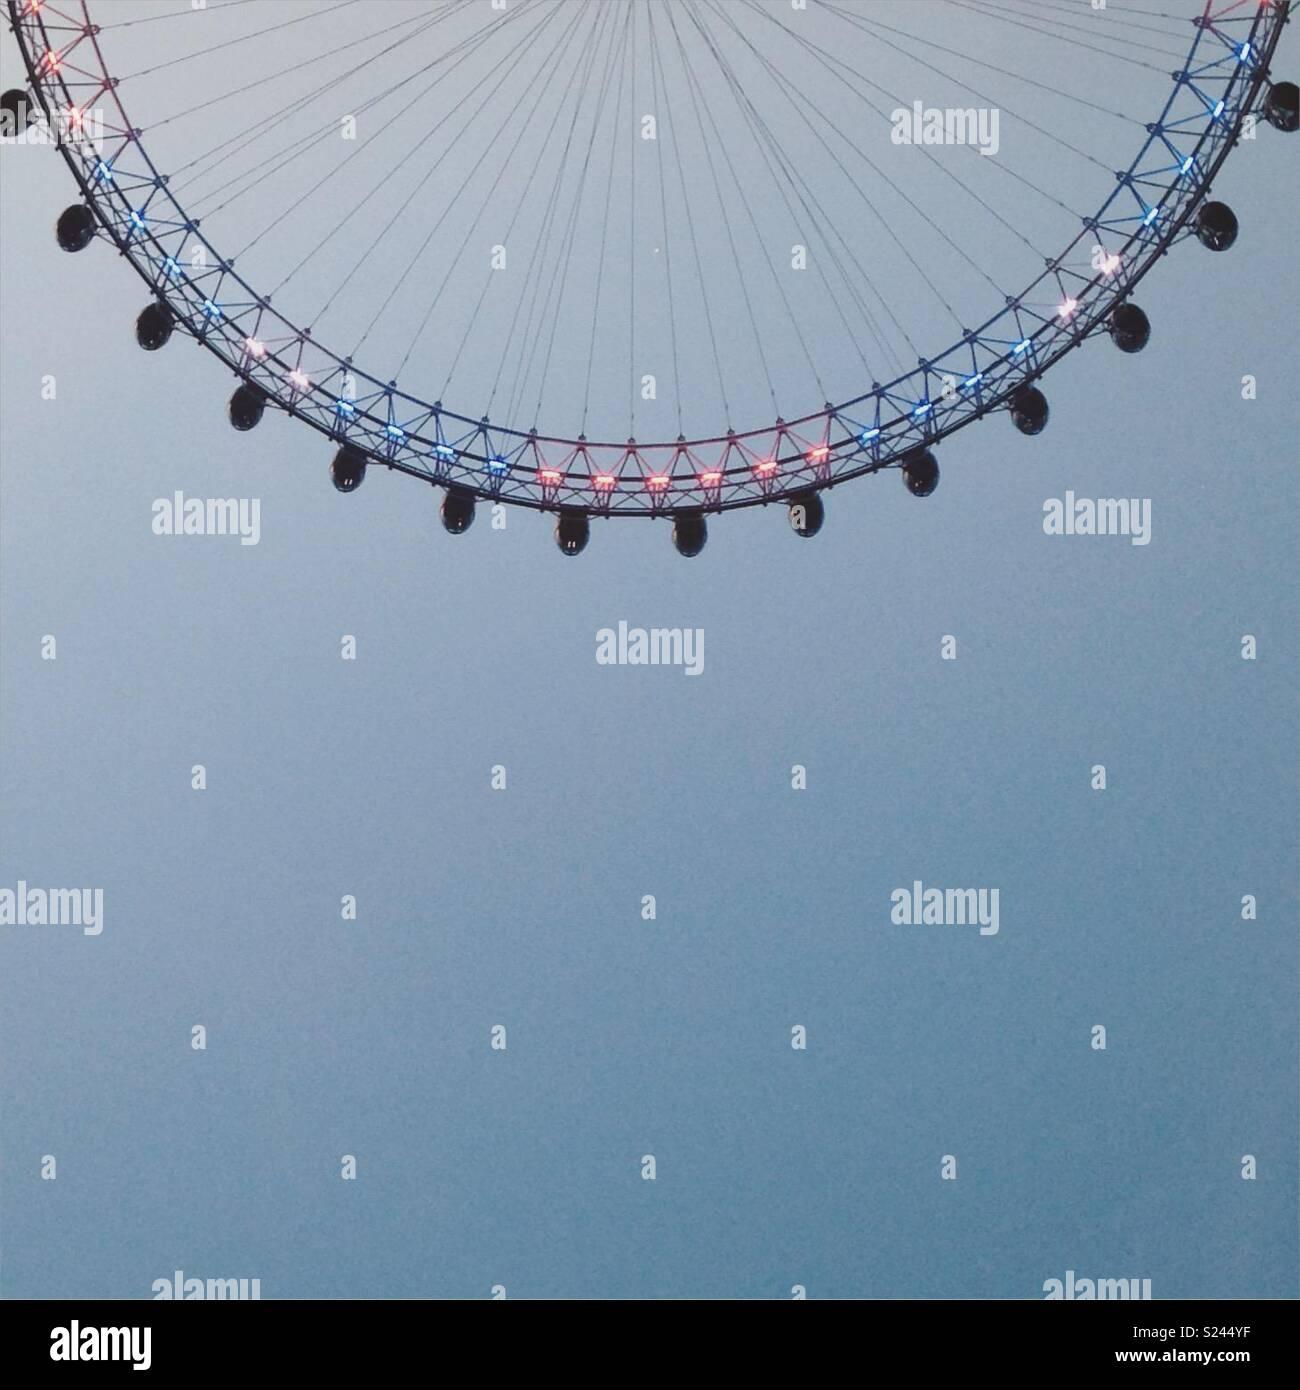 London Eye noria gigante boca abajo - una imagen poco habitual de un hito de Londres Imagen De Stock